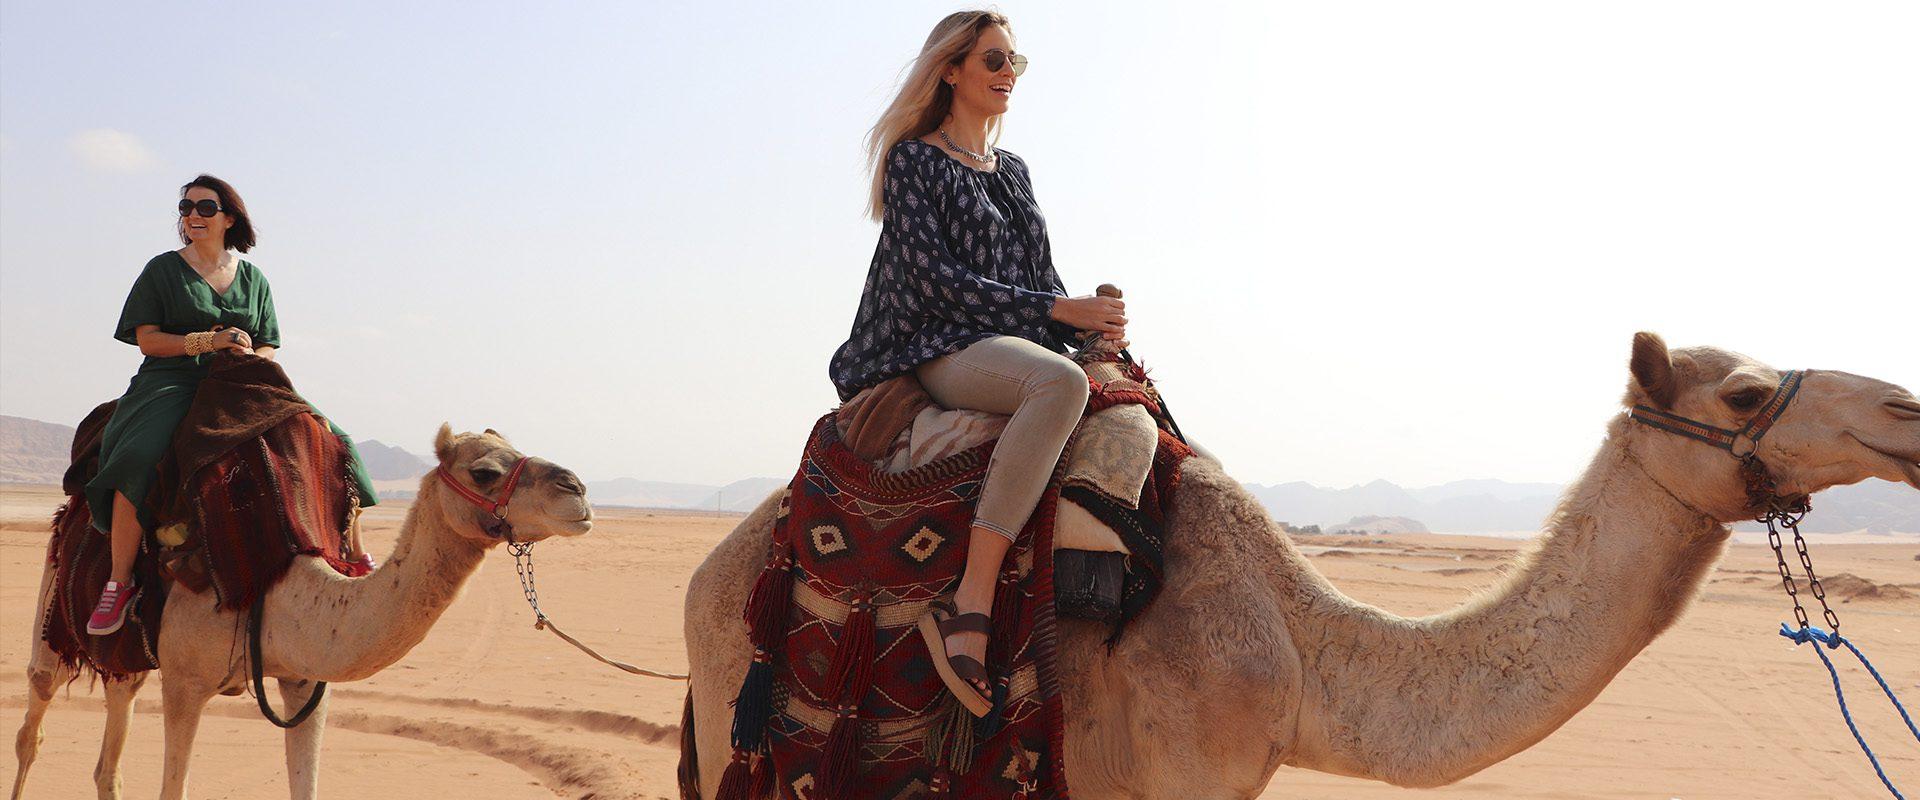 Viajeras con B Jordania. Un viaje de aventuras milenarias con Silvia Abril.